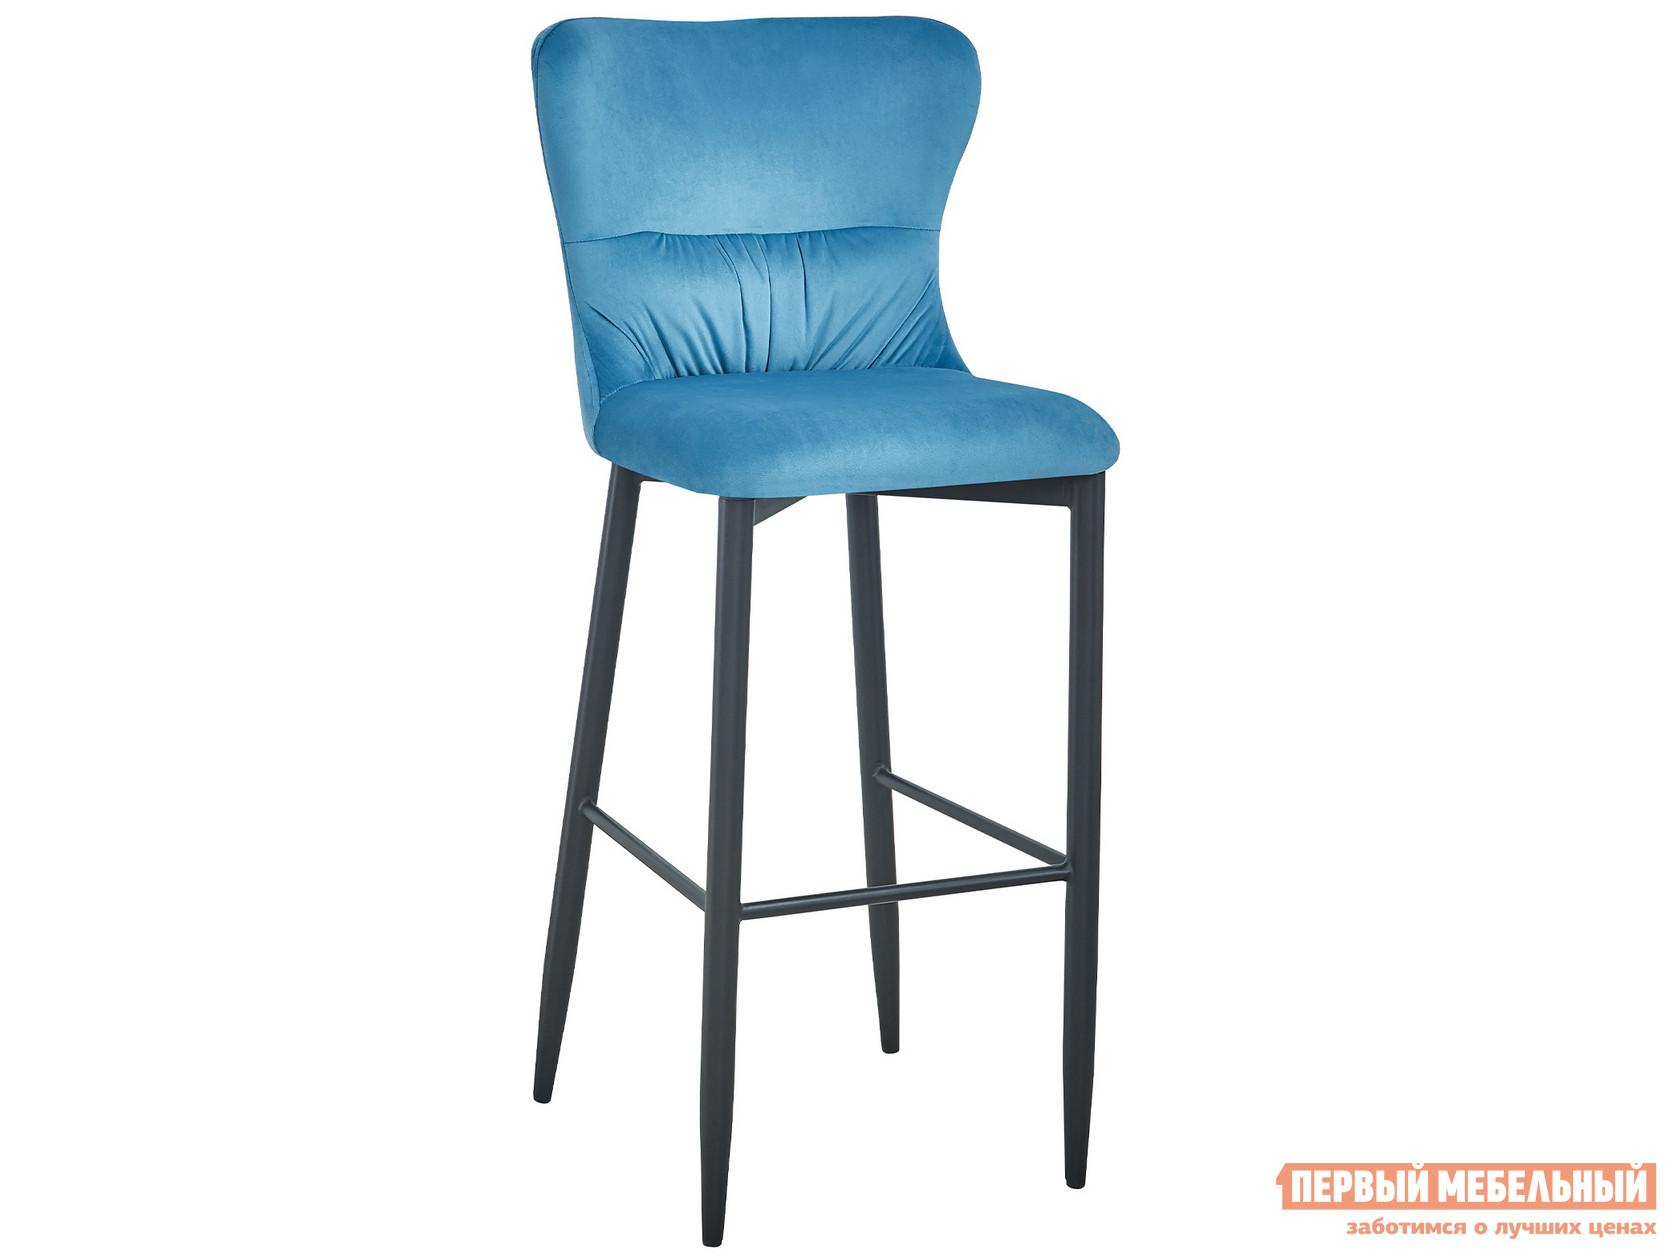 Барный стул  полубарный Лилиан MC151C VELVET HLR-59 Темно-бирюзовый, велюр, Stool Group 105183